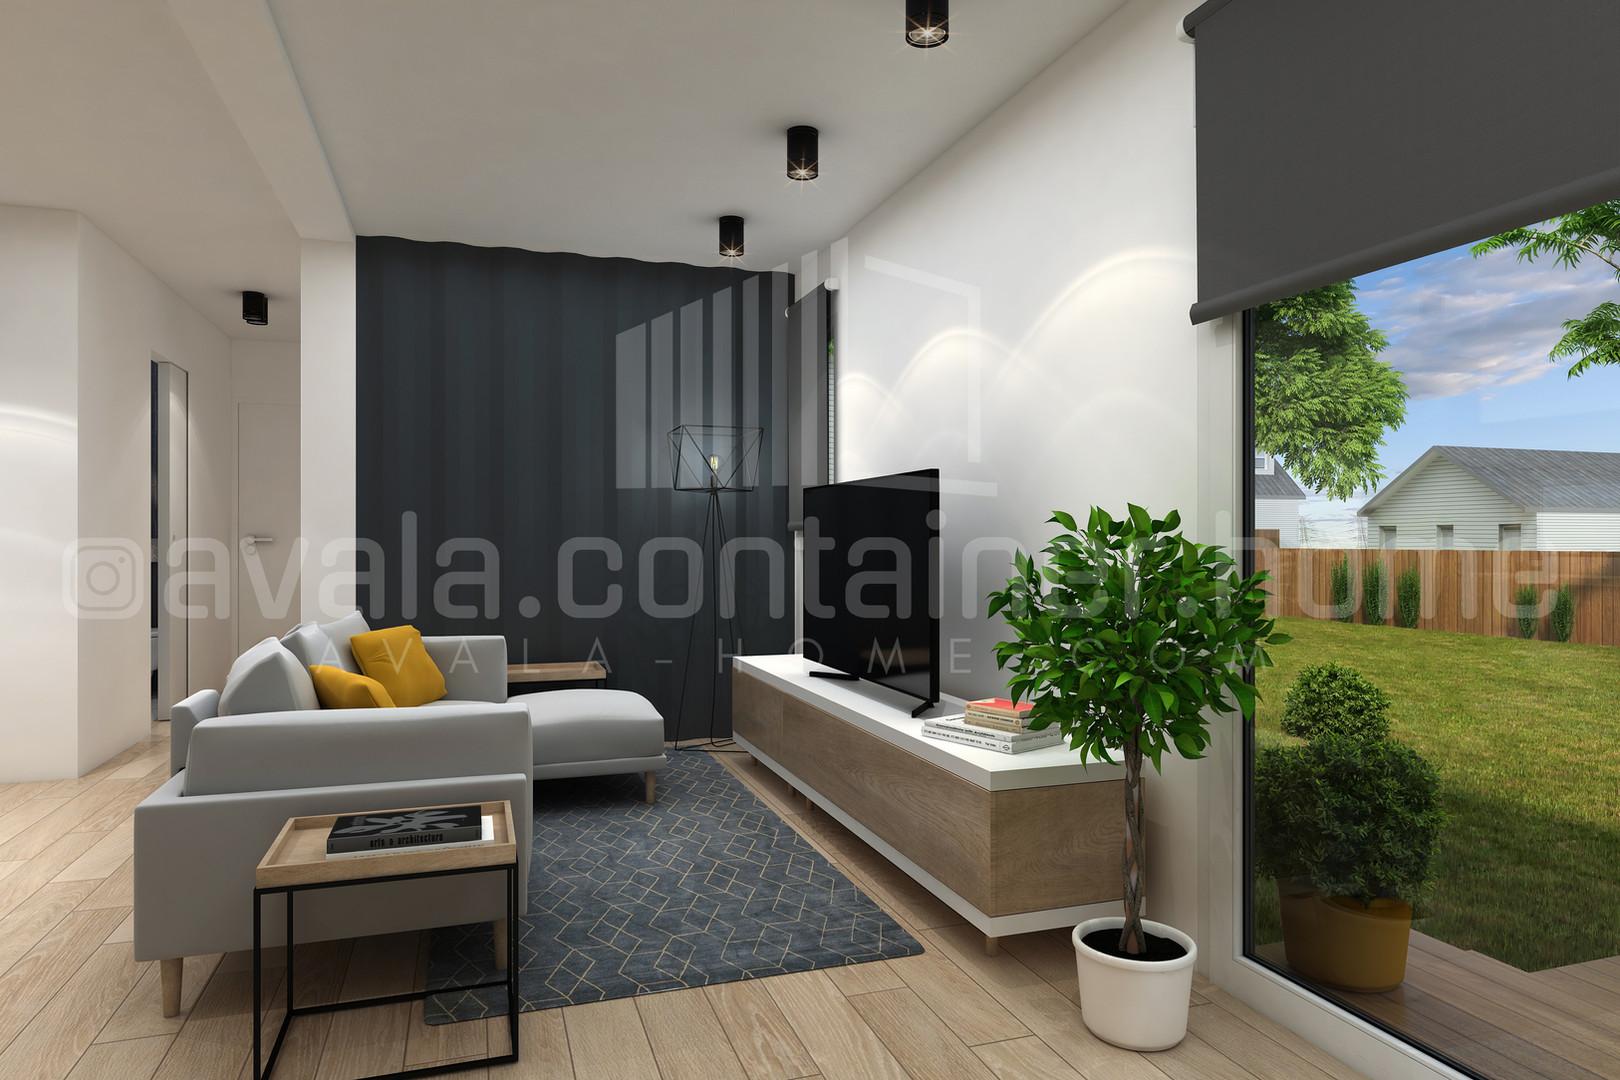 G240_Living room_final_28-10-2020.jpg